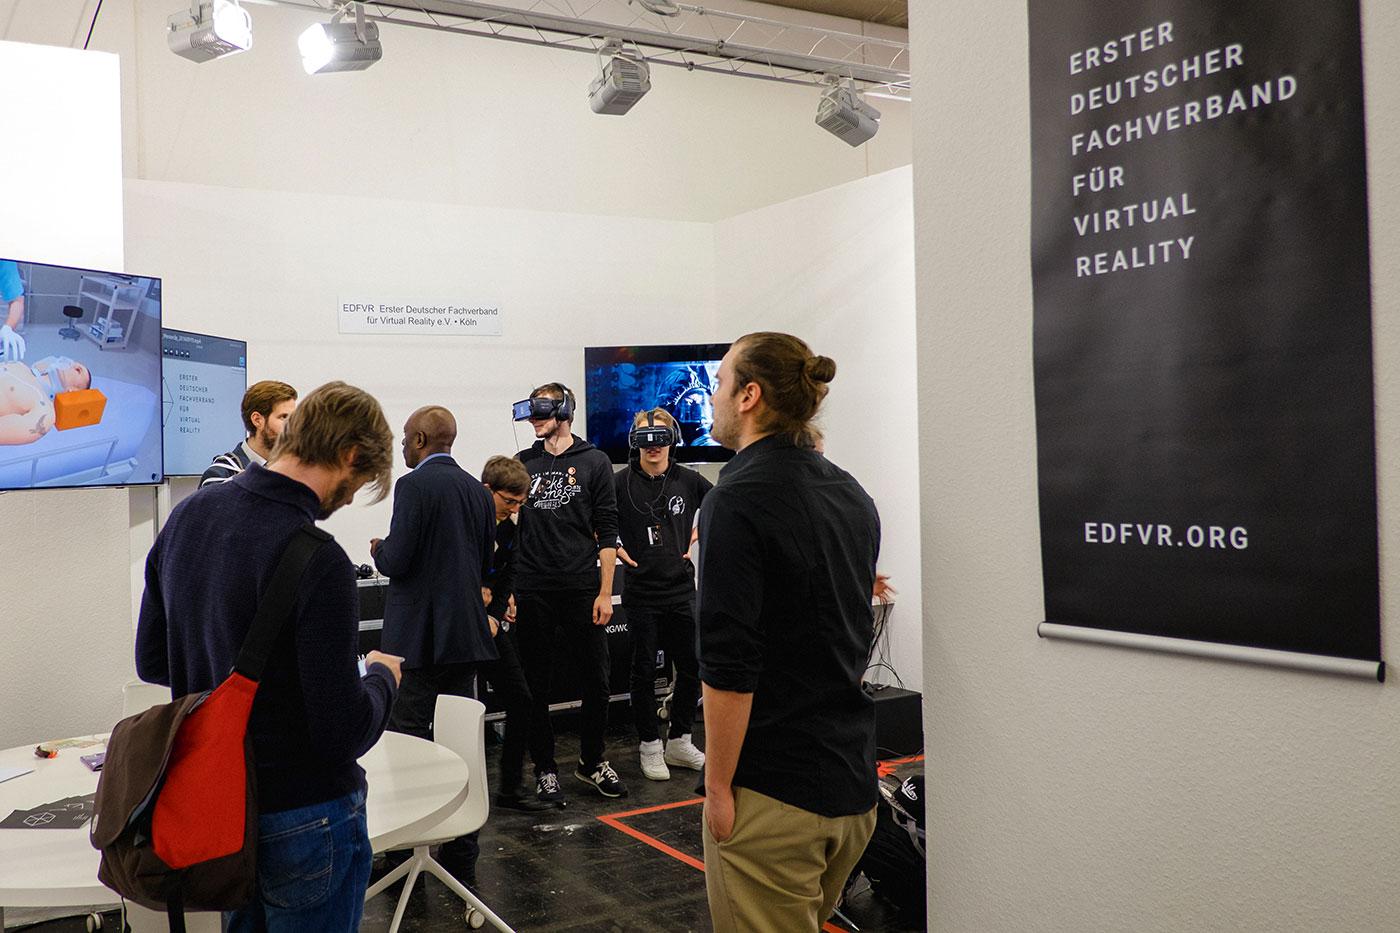 THE ARTS+ Erster Deutscher Fachverband für Virtual Reality